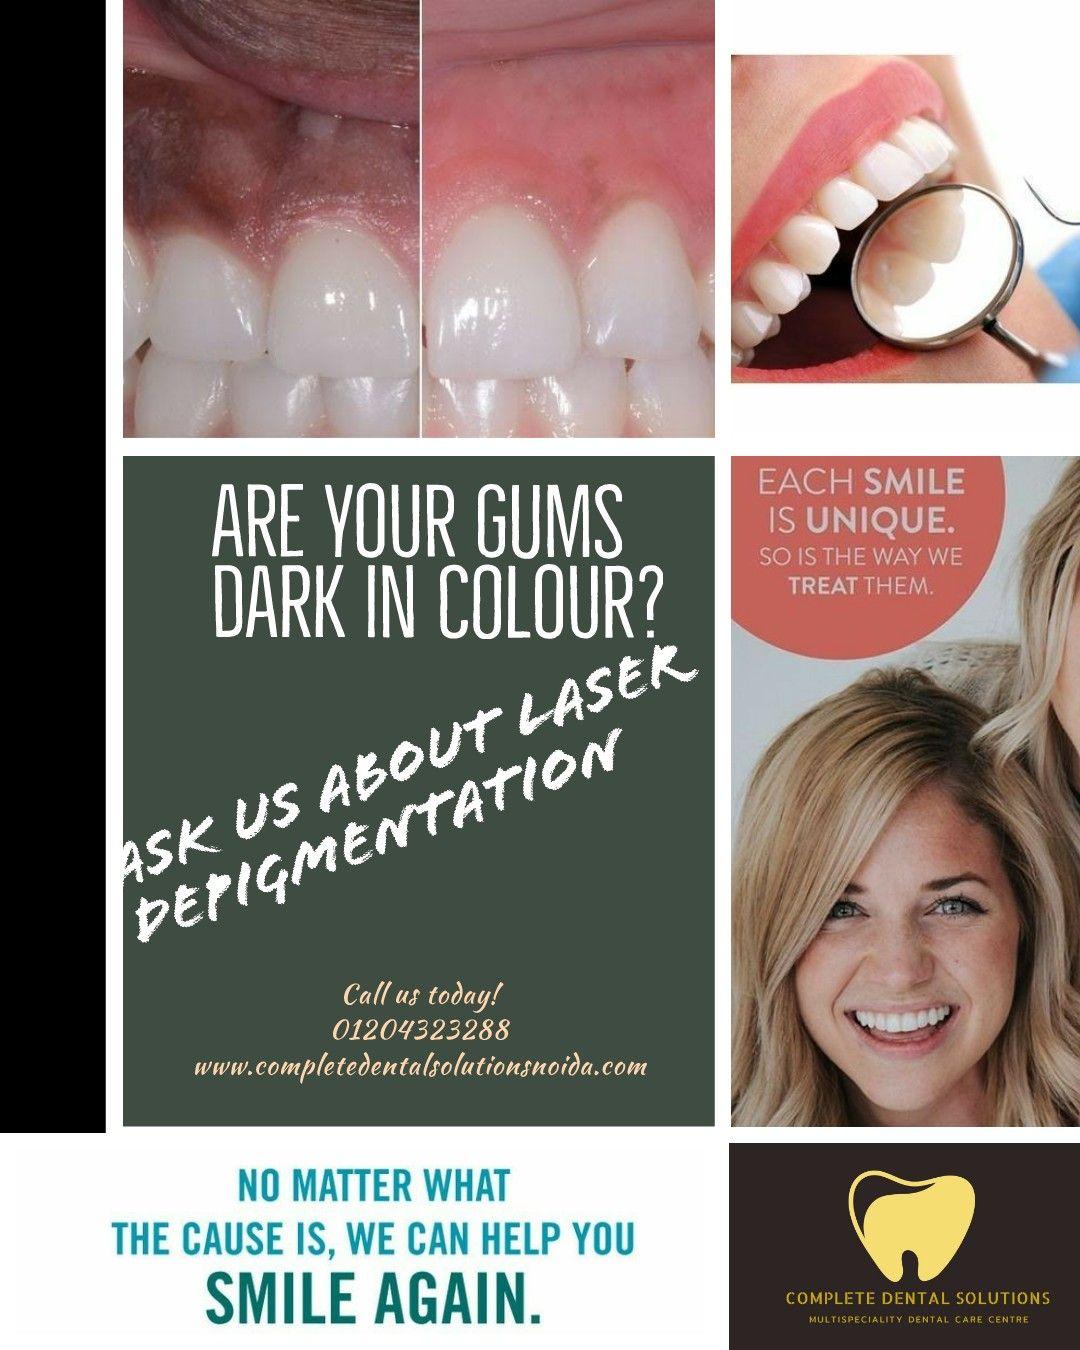 Gum Depigmentation Gum Health Dark Gums Dental Care Center